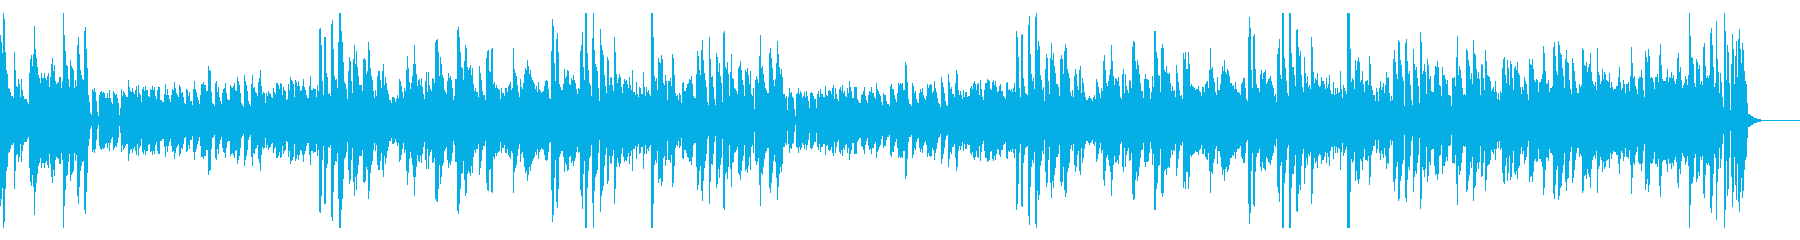 定番の楽しいカントリーピアノ!の再生済みの波形